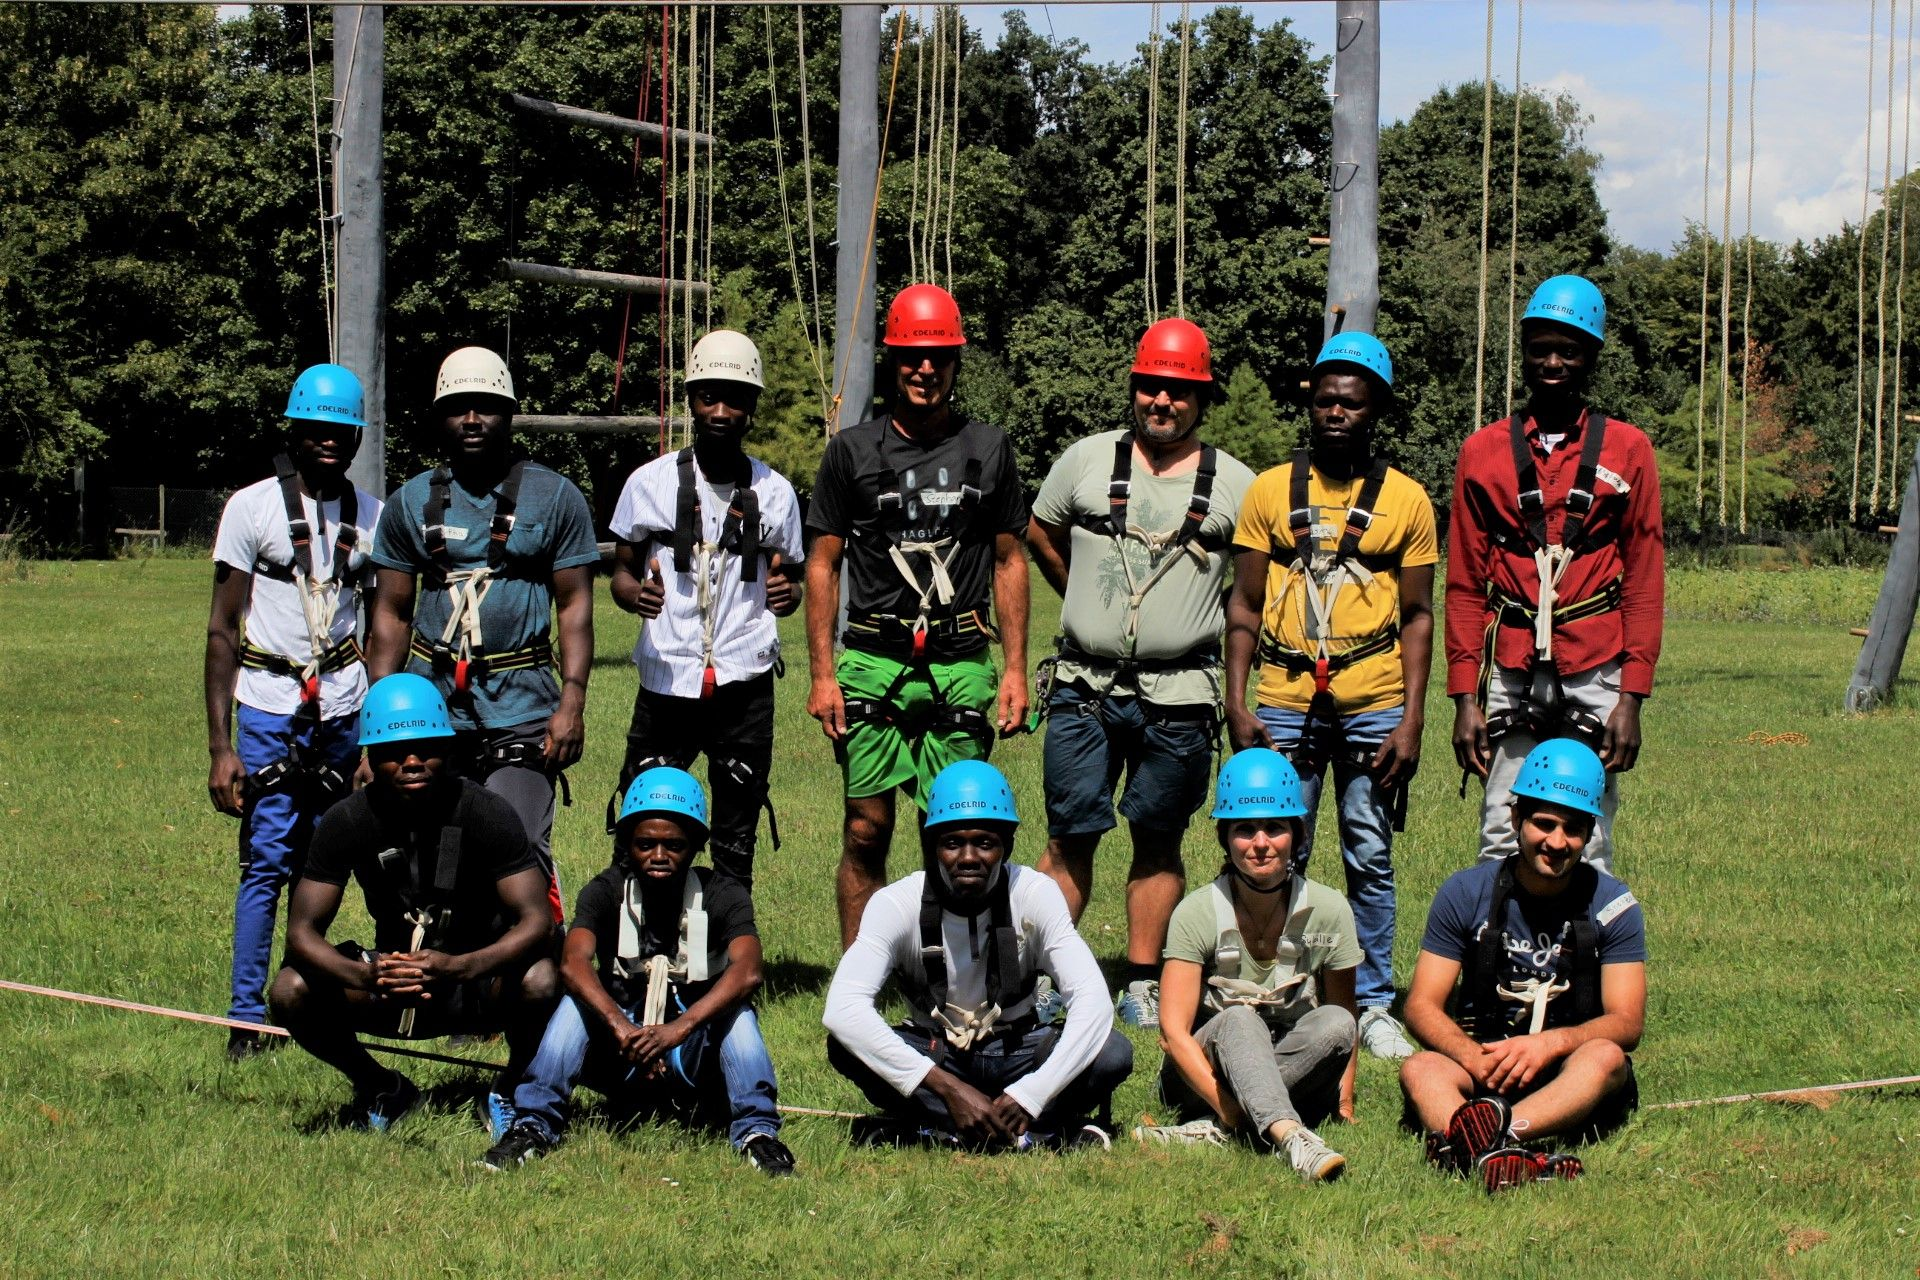 Kletteraktion im Hochseilgarten stärkt Zusammenhalt und Vertrauen